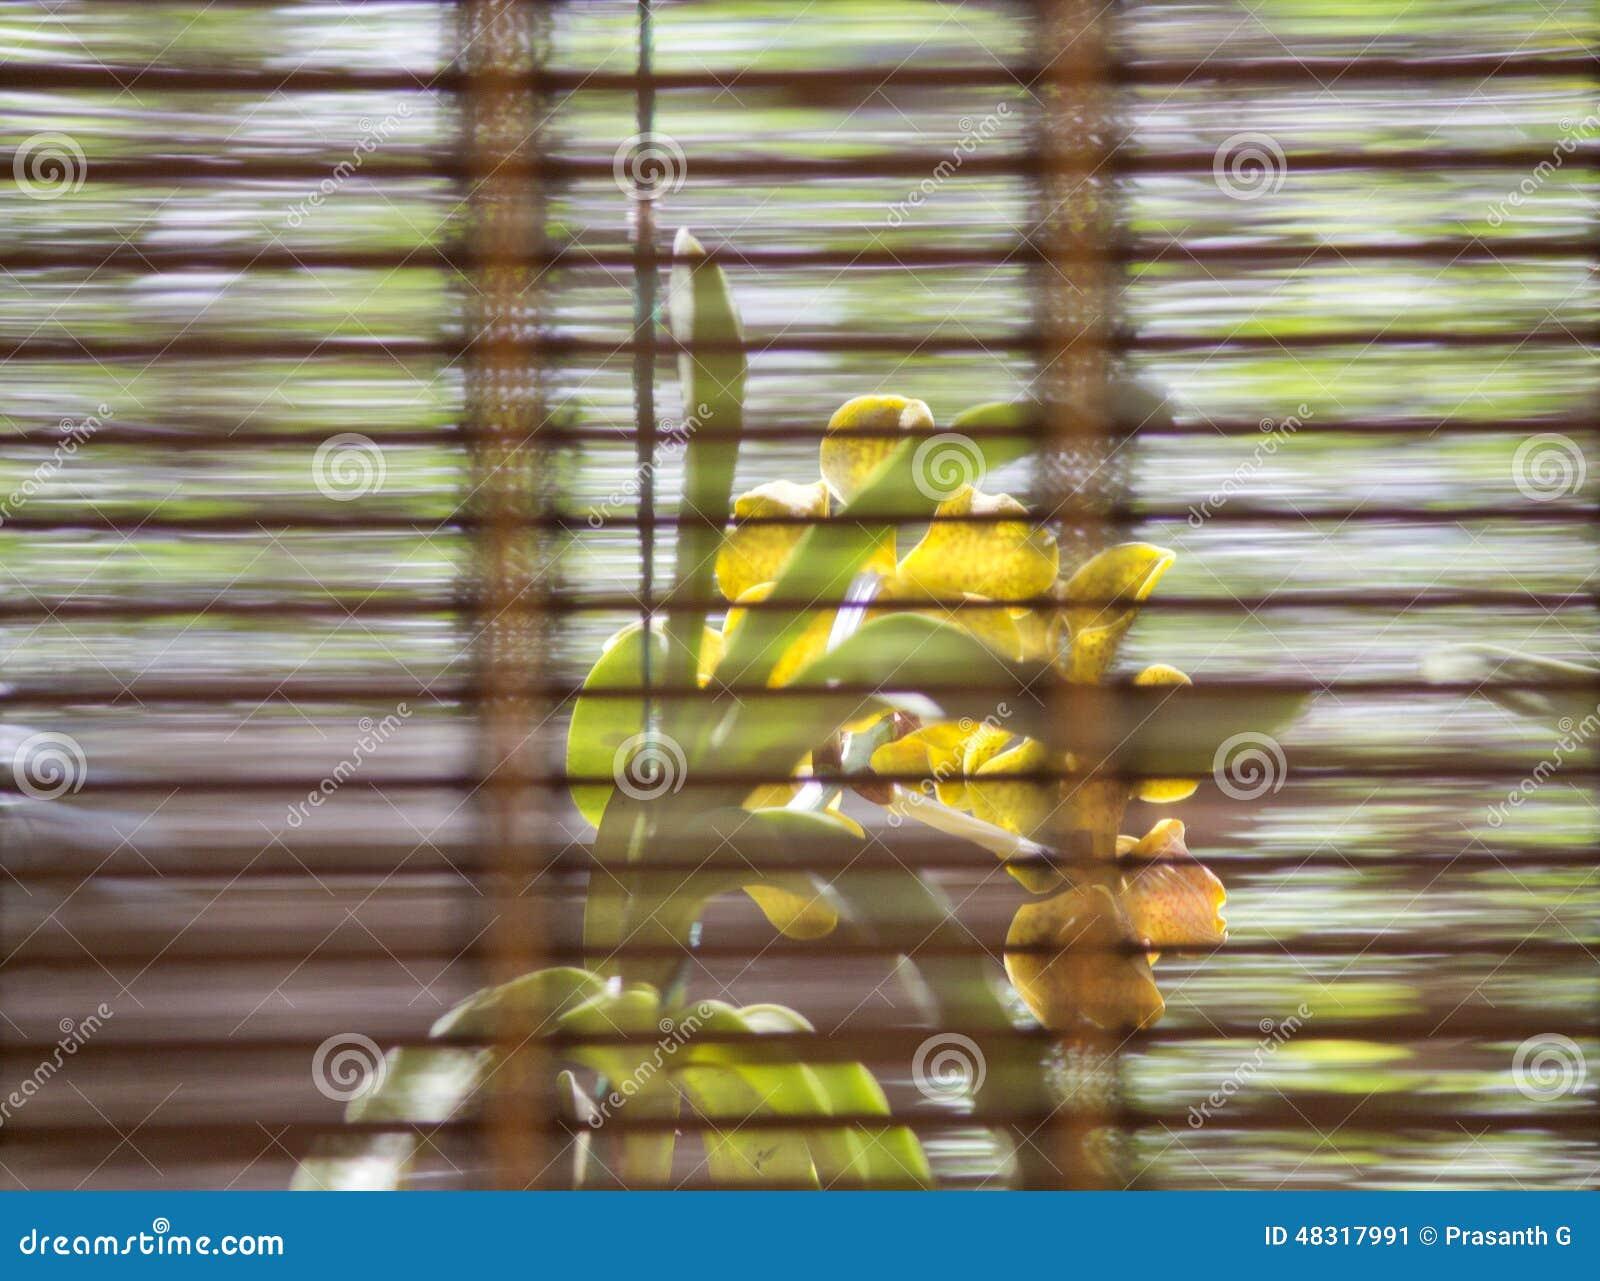 fleur d 39 orchid e derri re le rideau en fen tre photo stock image 48317991. Black Bedroom Furniture Sets. Home Design Ideas